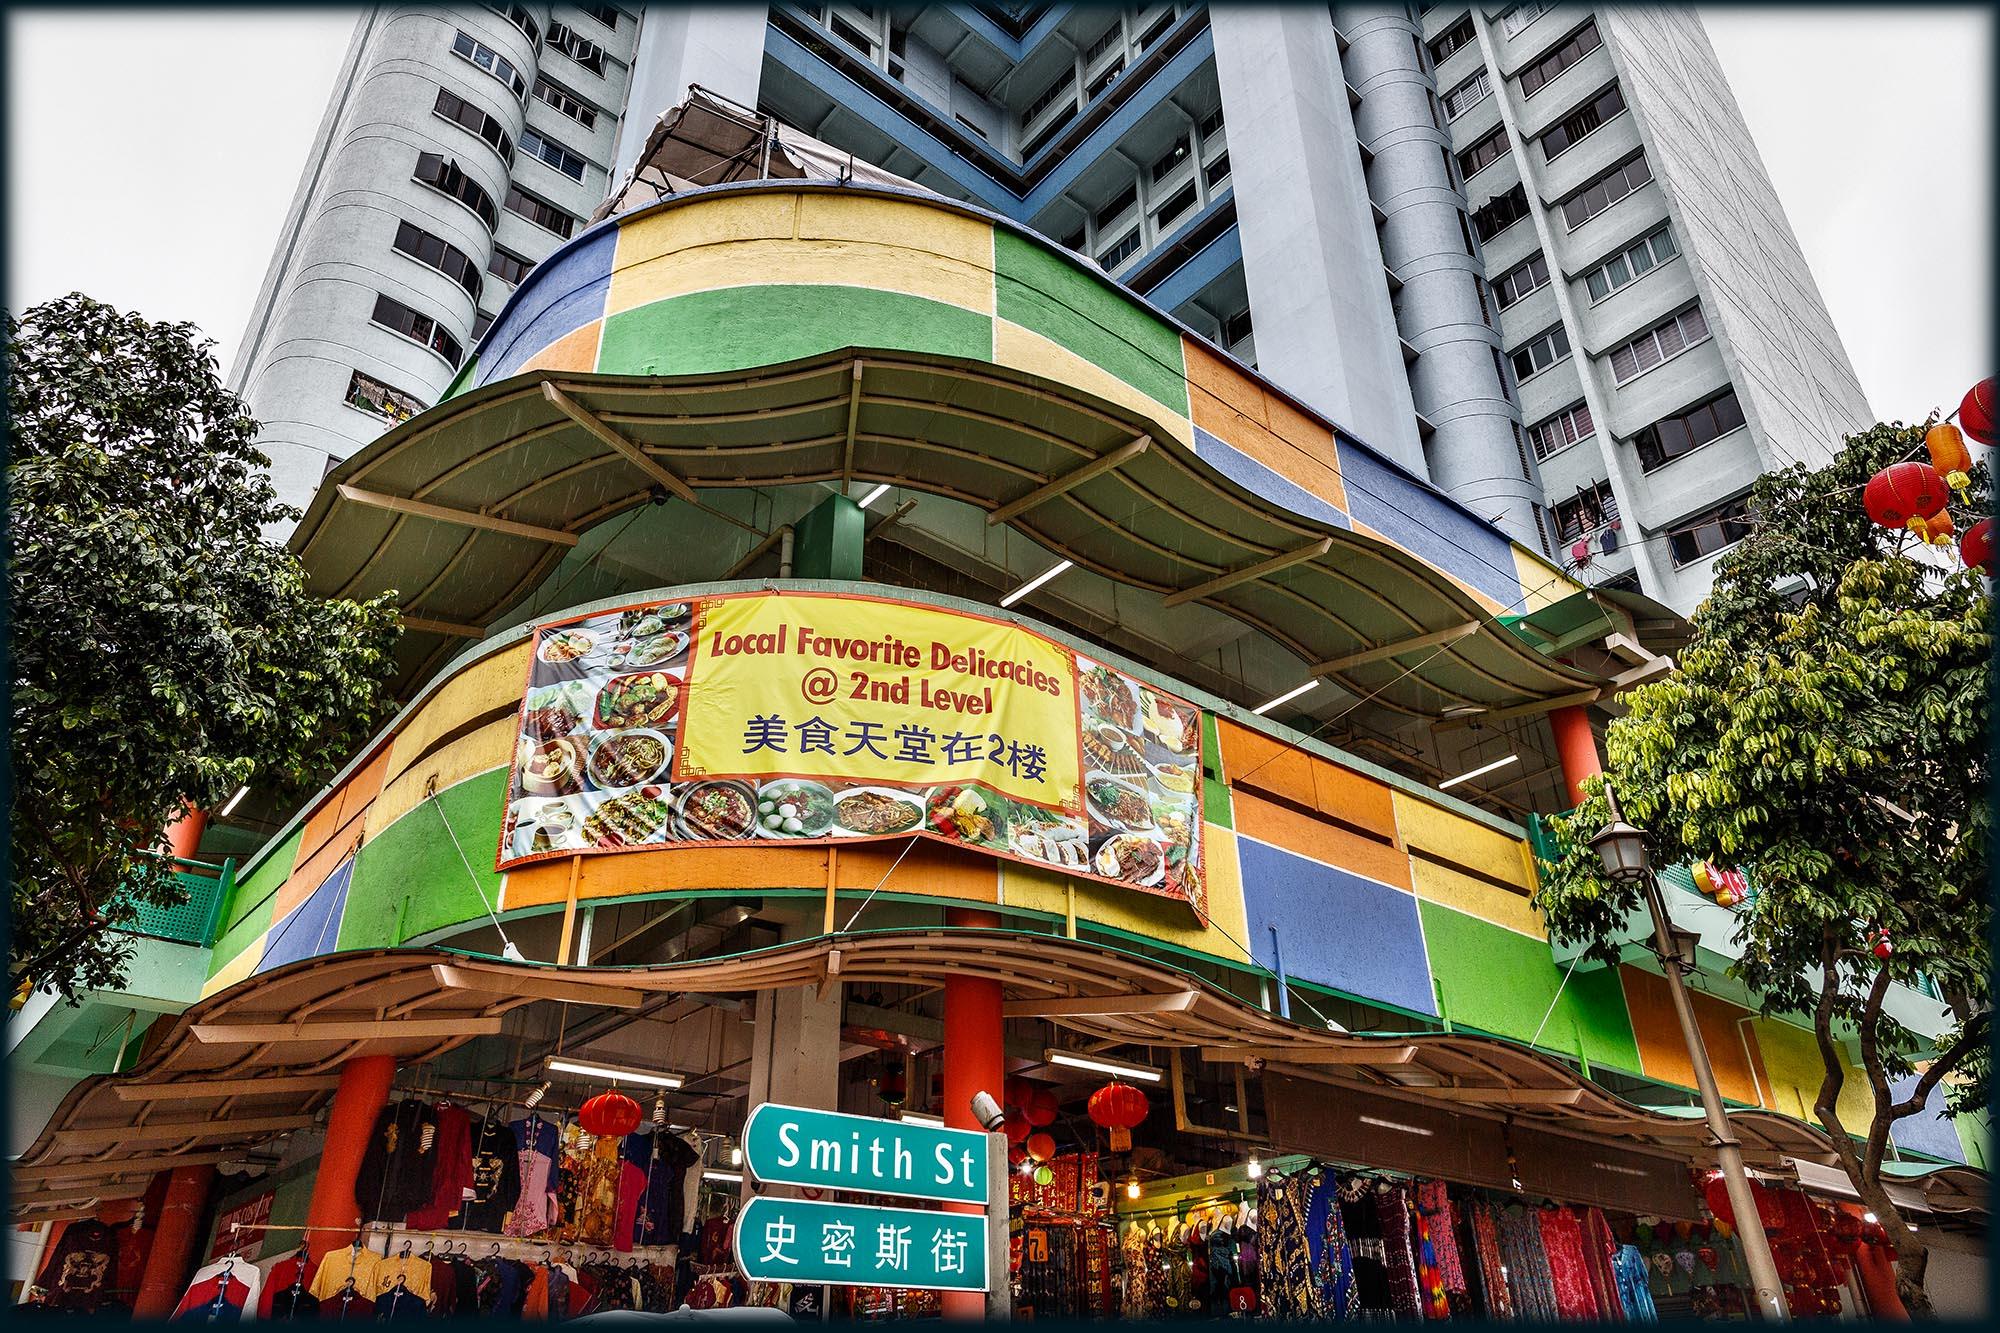 Chinatown Complex Hawker Centre / Singapur - Kochgenossen